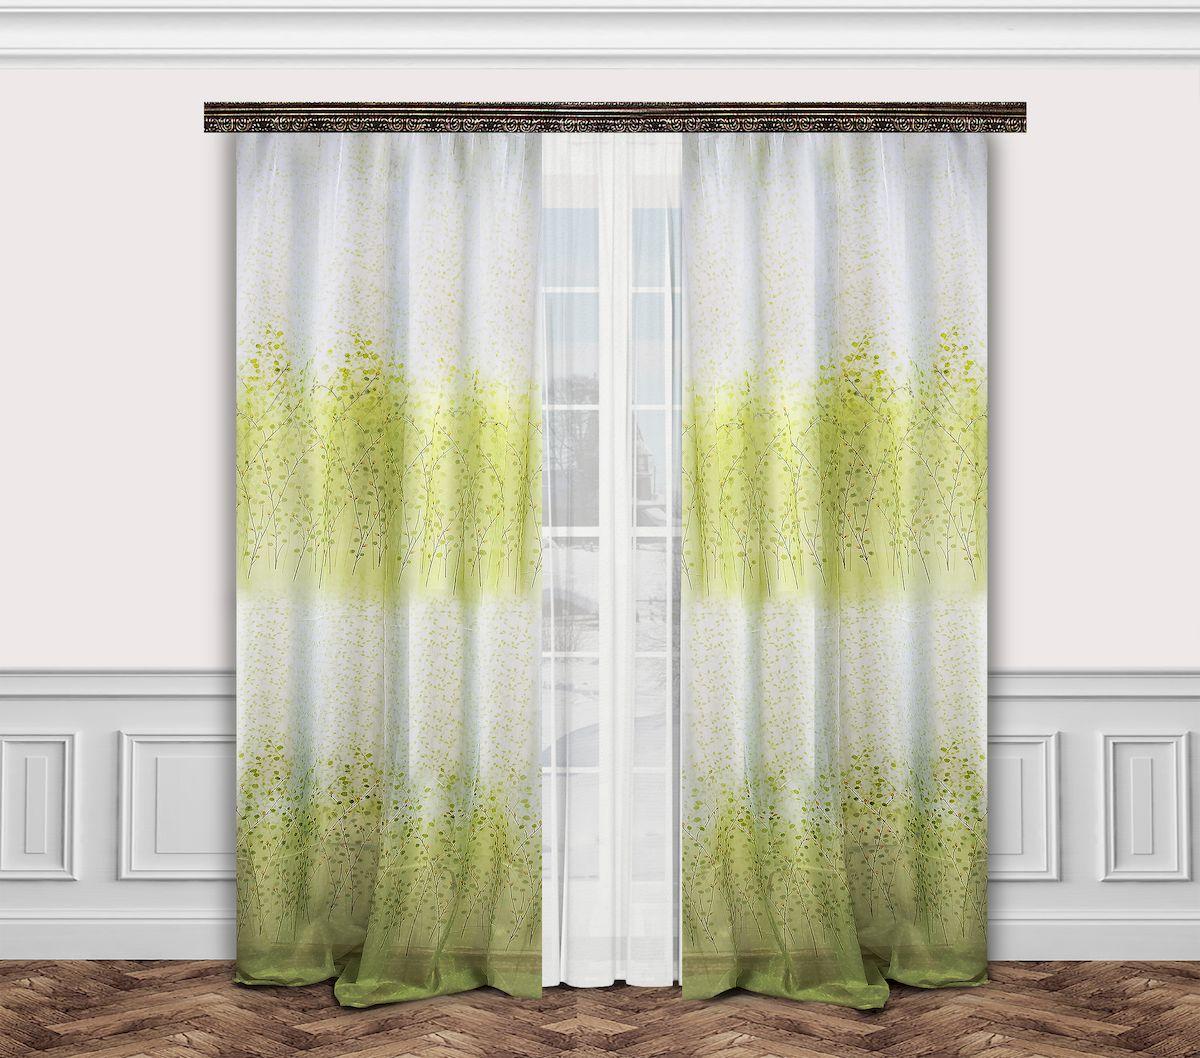 Комплект штор Zlata Korunka, на ленте, цвет: белый, салатовый, высота 260 см. 777003777003Комплект штор Zlata Korunka, выполненный из полиэстера, великолепно украсит любое окно. Комплект состоит из тюля, двух штор и двух подхватов. Оригинальный рисунок и приятная цветовая гамма привлекут к себе внимание и органично впишутся в интерьер помещения. Этот комплект будет долгое время радовать вас и вашу семью! Комплект крепится на карниз при помощи ленты, которая поможет красиво и равномерно задрапировать верх. В комплект входит: Тюль: 1 шт. Размер (Ш х В): 350 см х 260 см. Штора: 2 шт. Размер (Ш х В): 160 см х 260 см. Подхват: 2 шт.